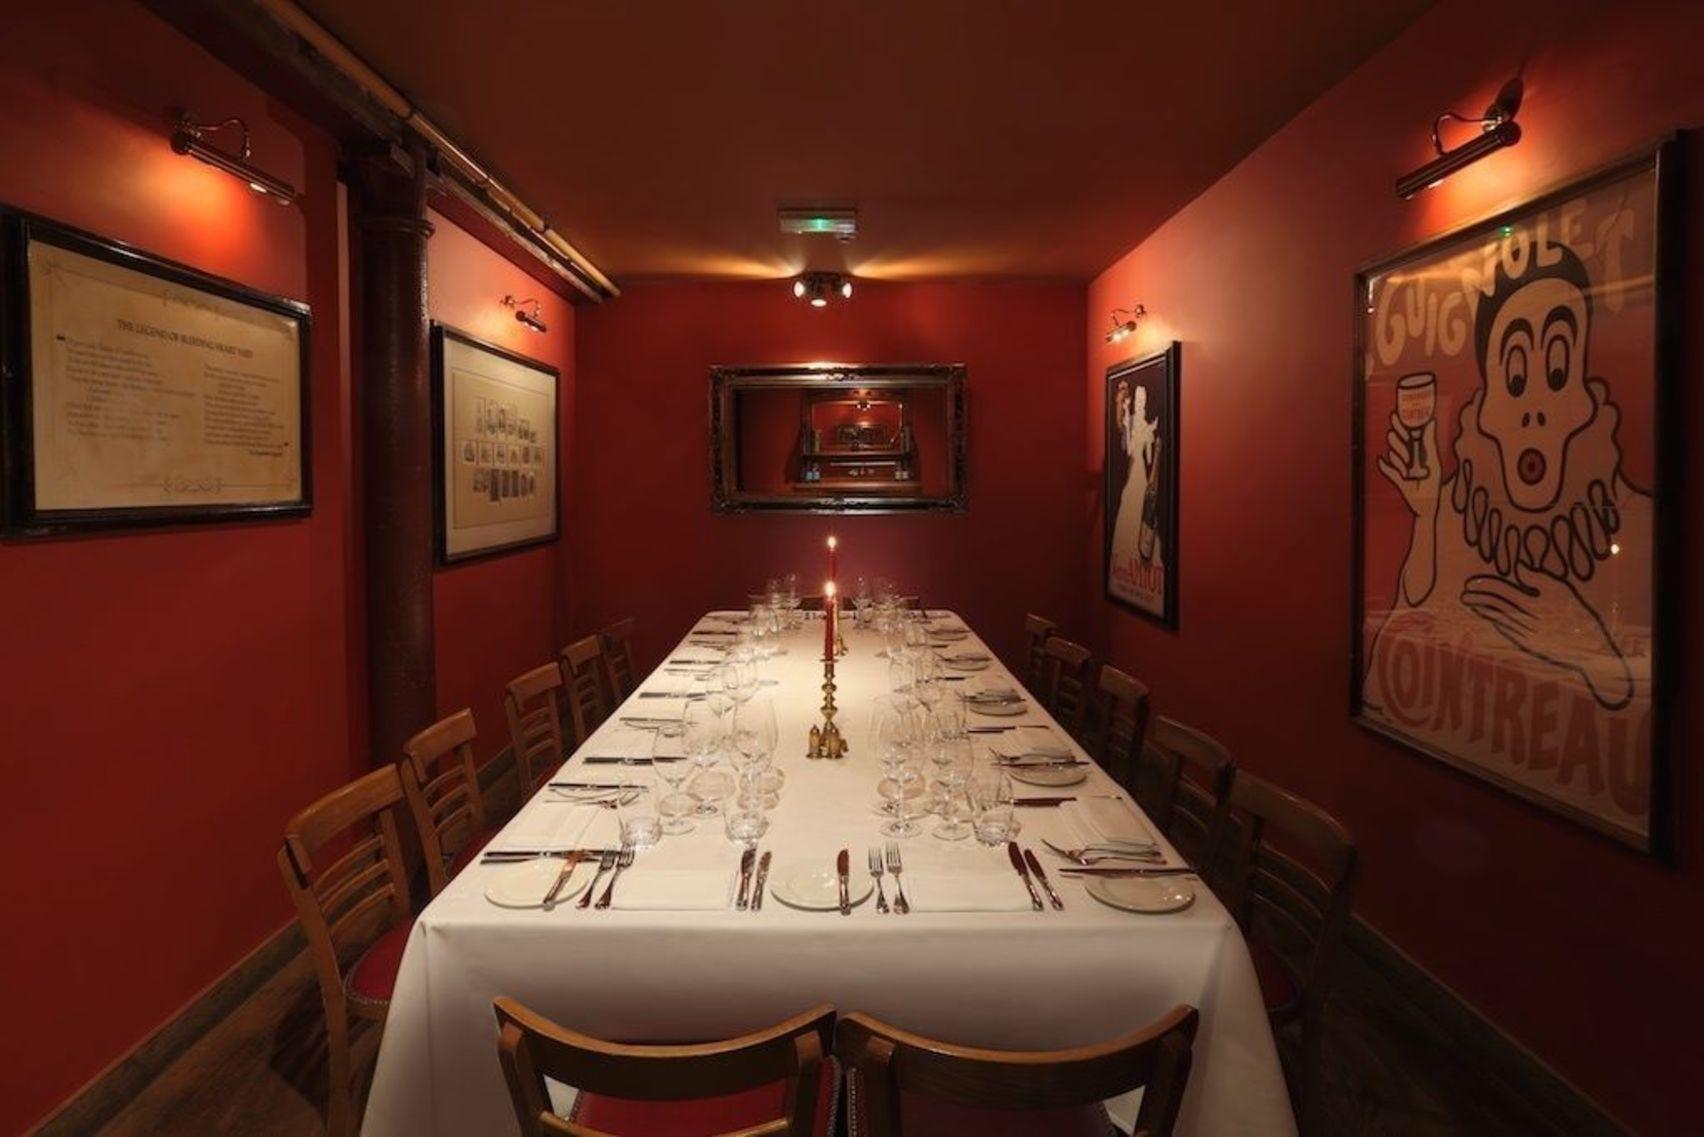 Lunch, The Parlour, Bleeding Heart Restaurants